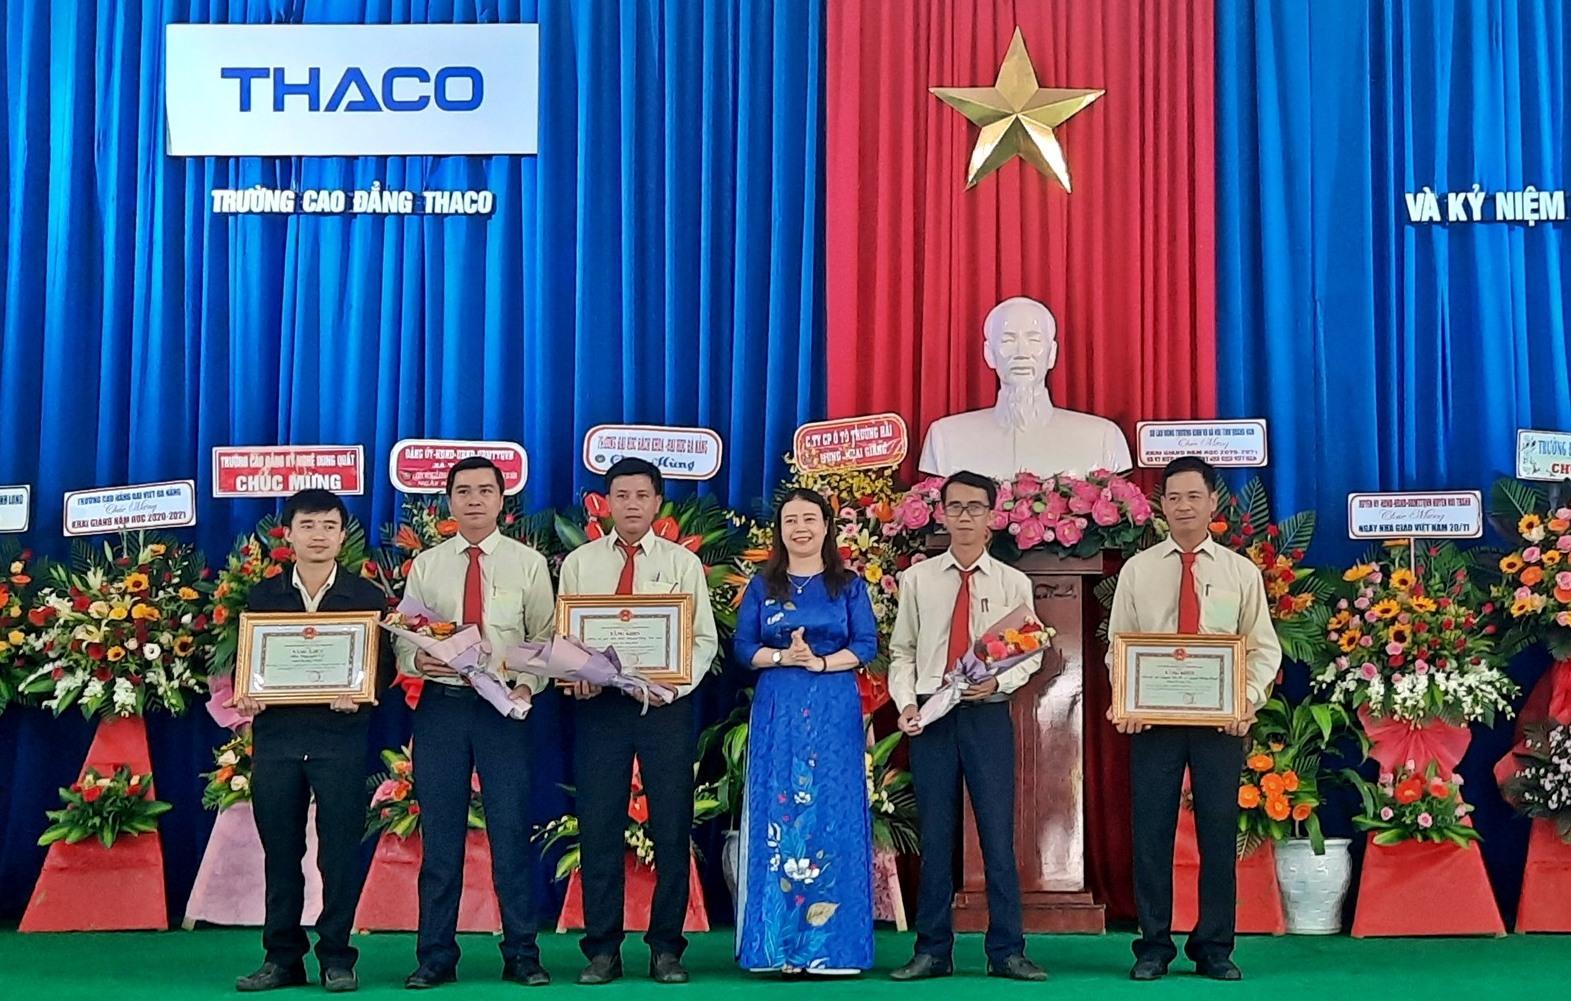 Tập thể, cá nhân Trường Cao đẳng Thaco đón nhận bằng khen của UBND tỉnh vì có thành tích xuất sắc trong các phong trào thi đua. Ảnh: Đ.ĐẠO